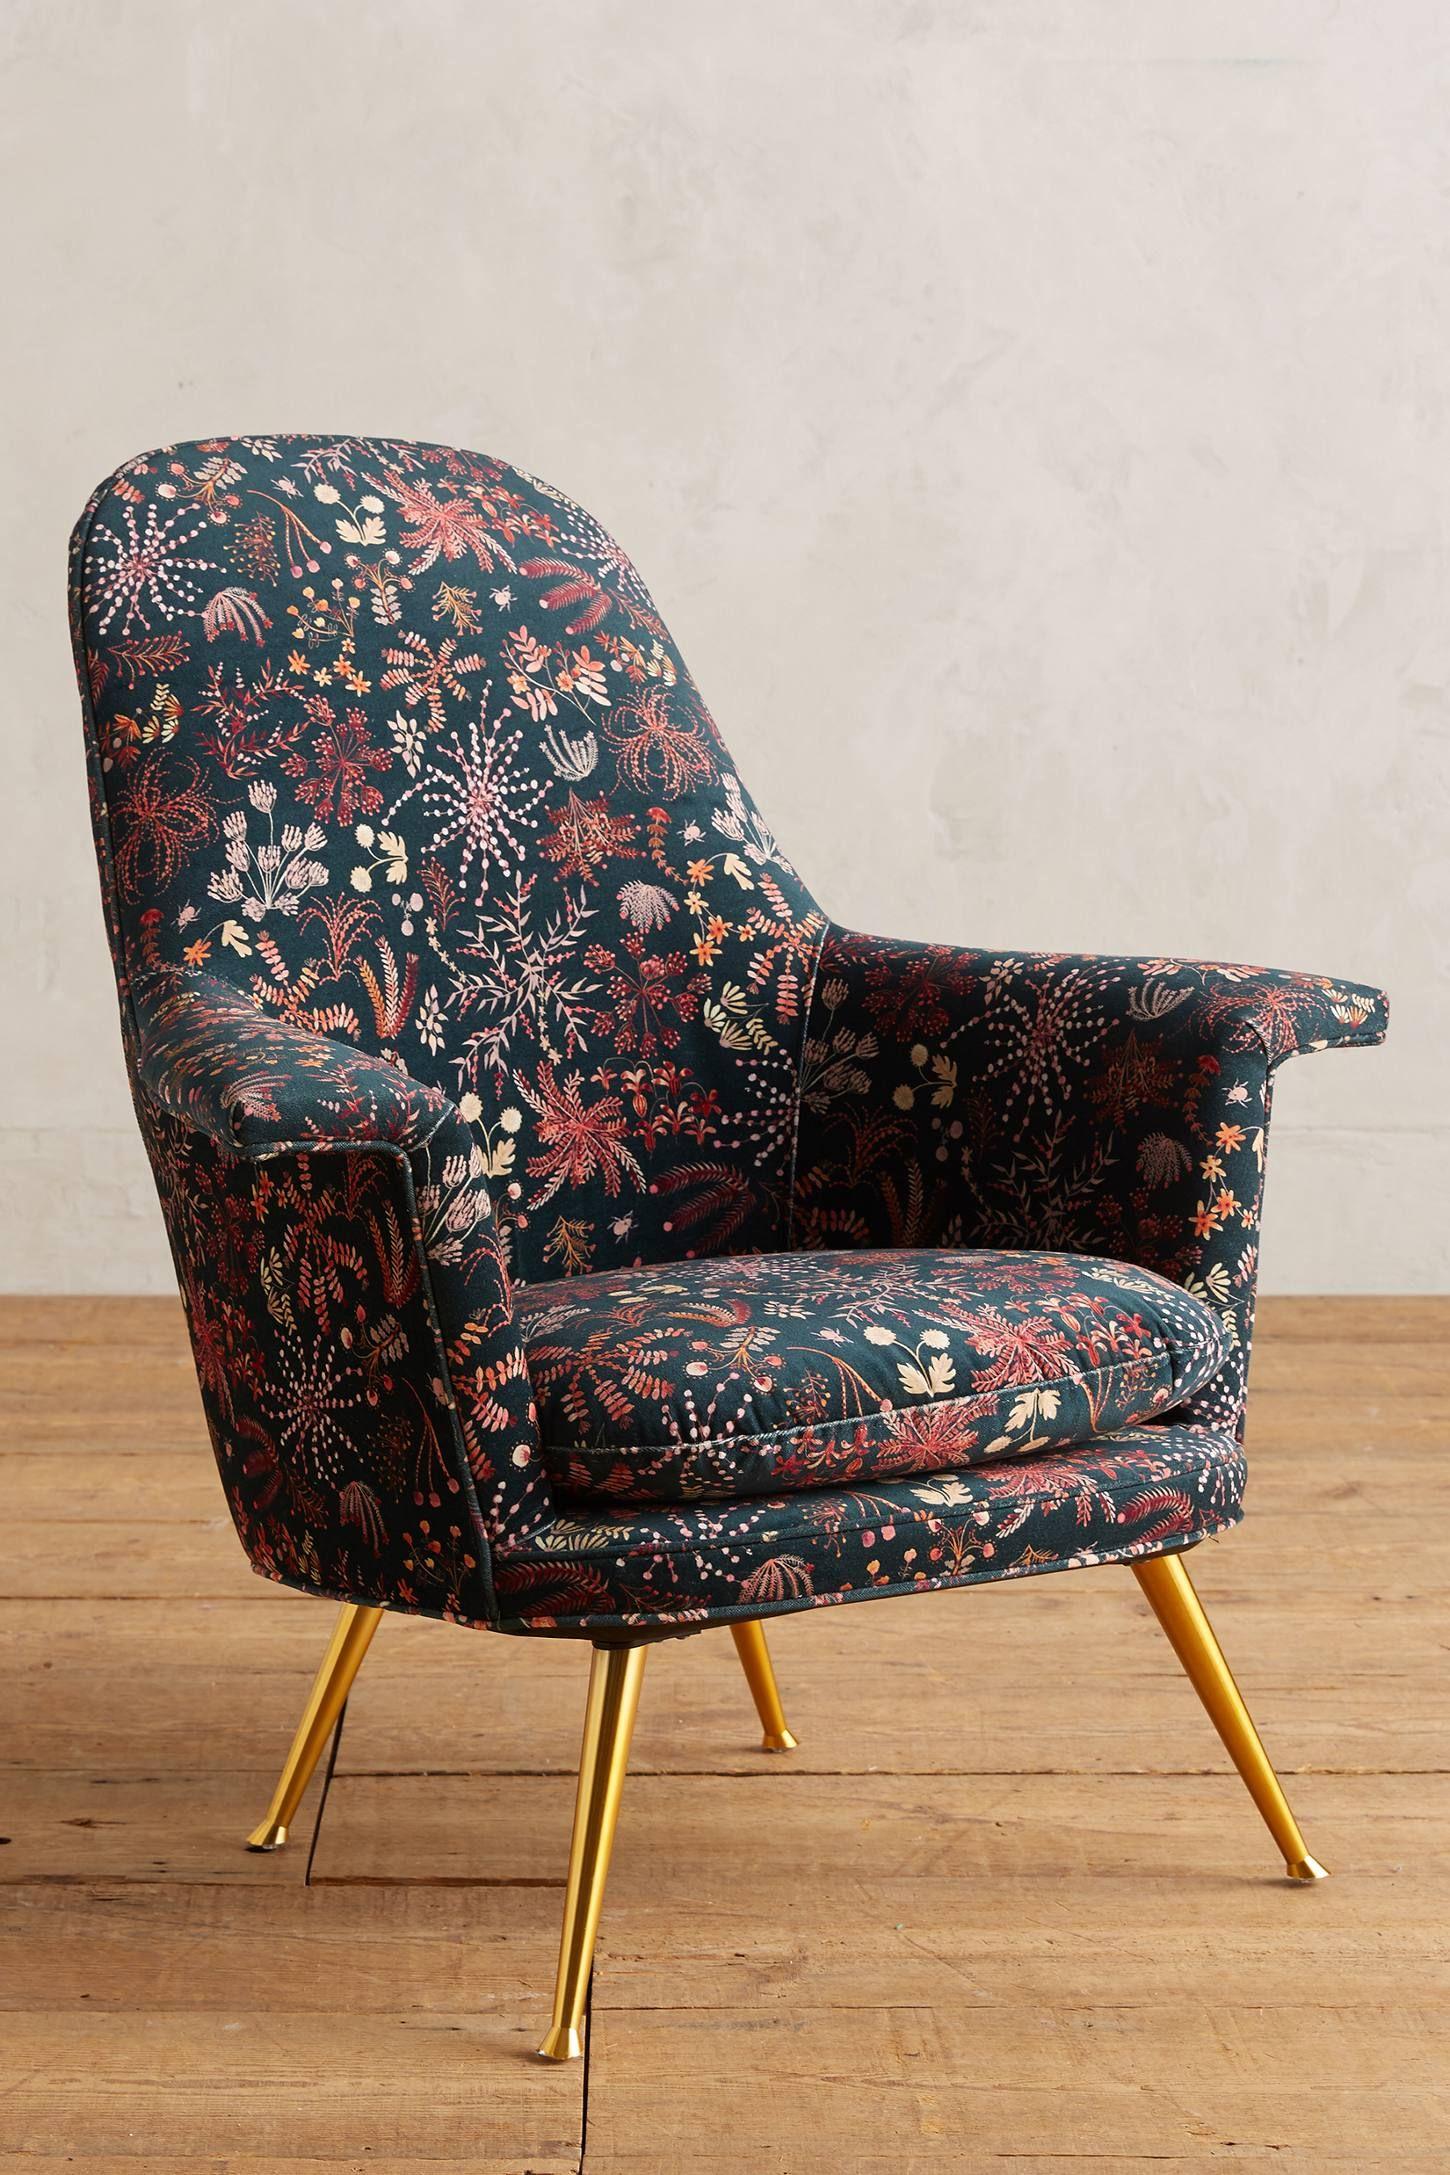 Sylvania Printed Kimball Chair